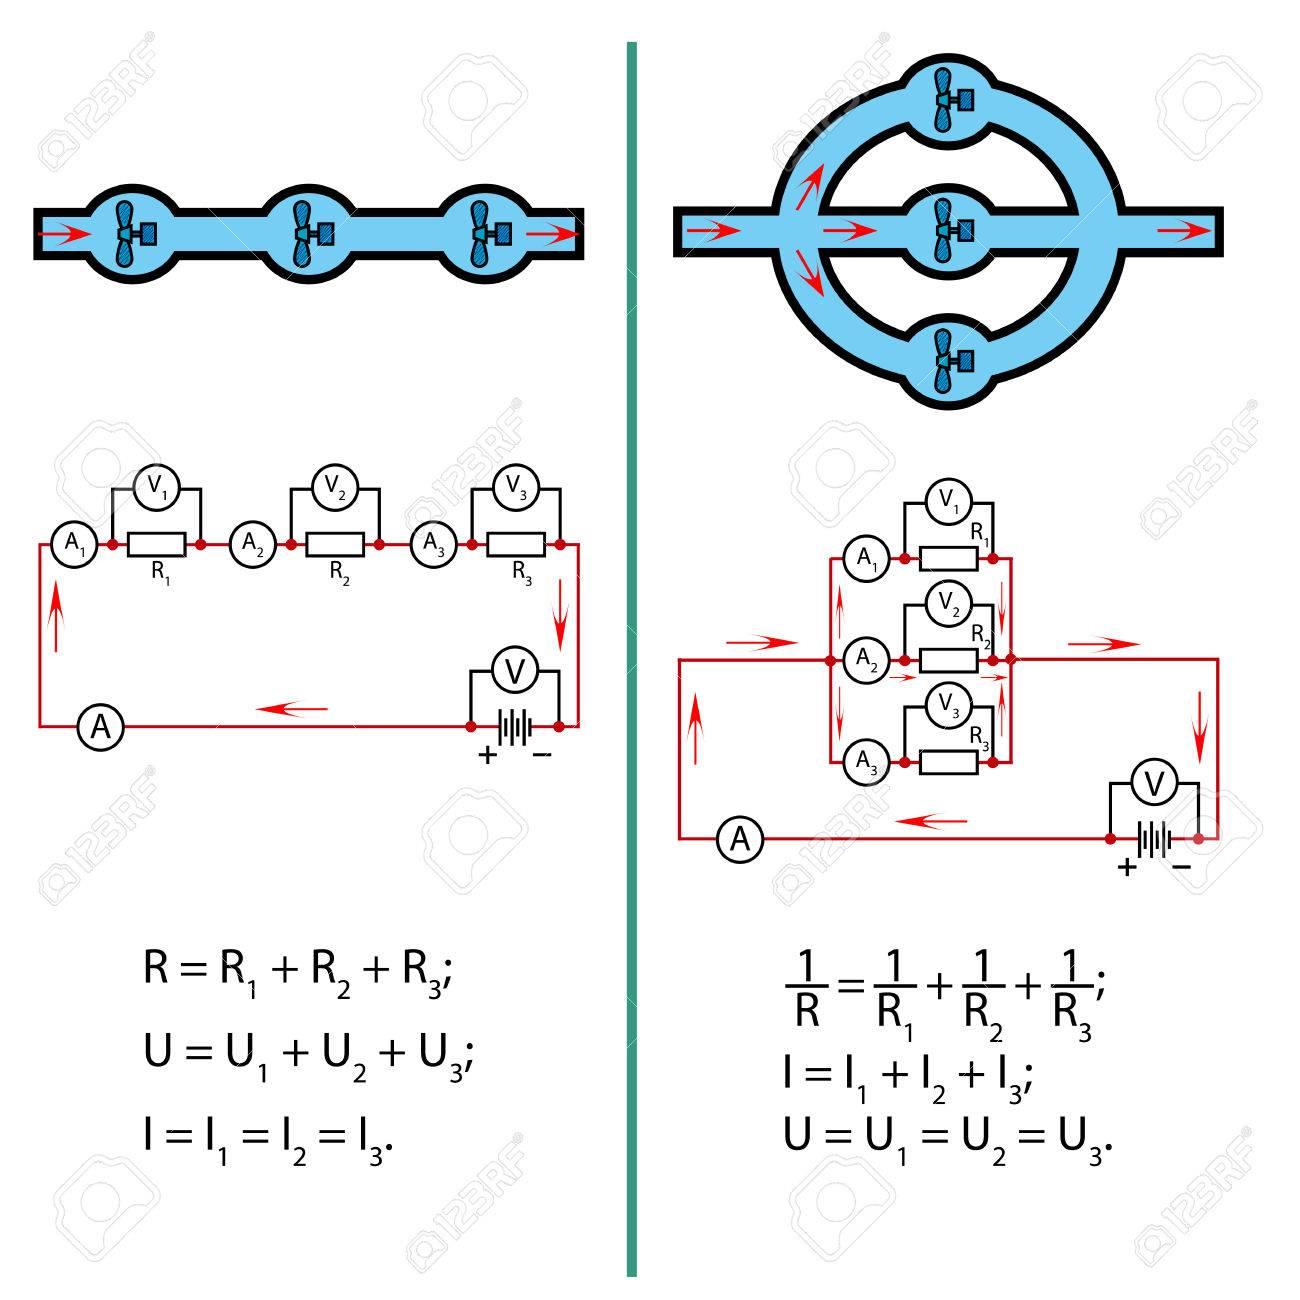 Circuito En Serie : Ilustración de la corriente eléctrica en los circuitos en serie y